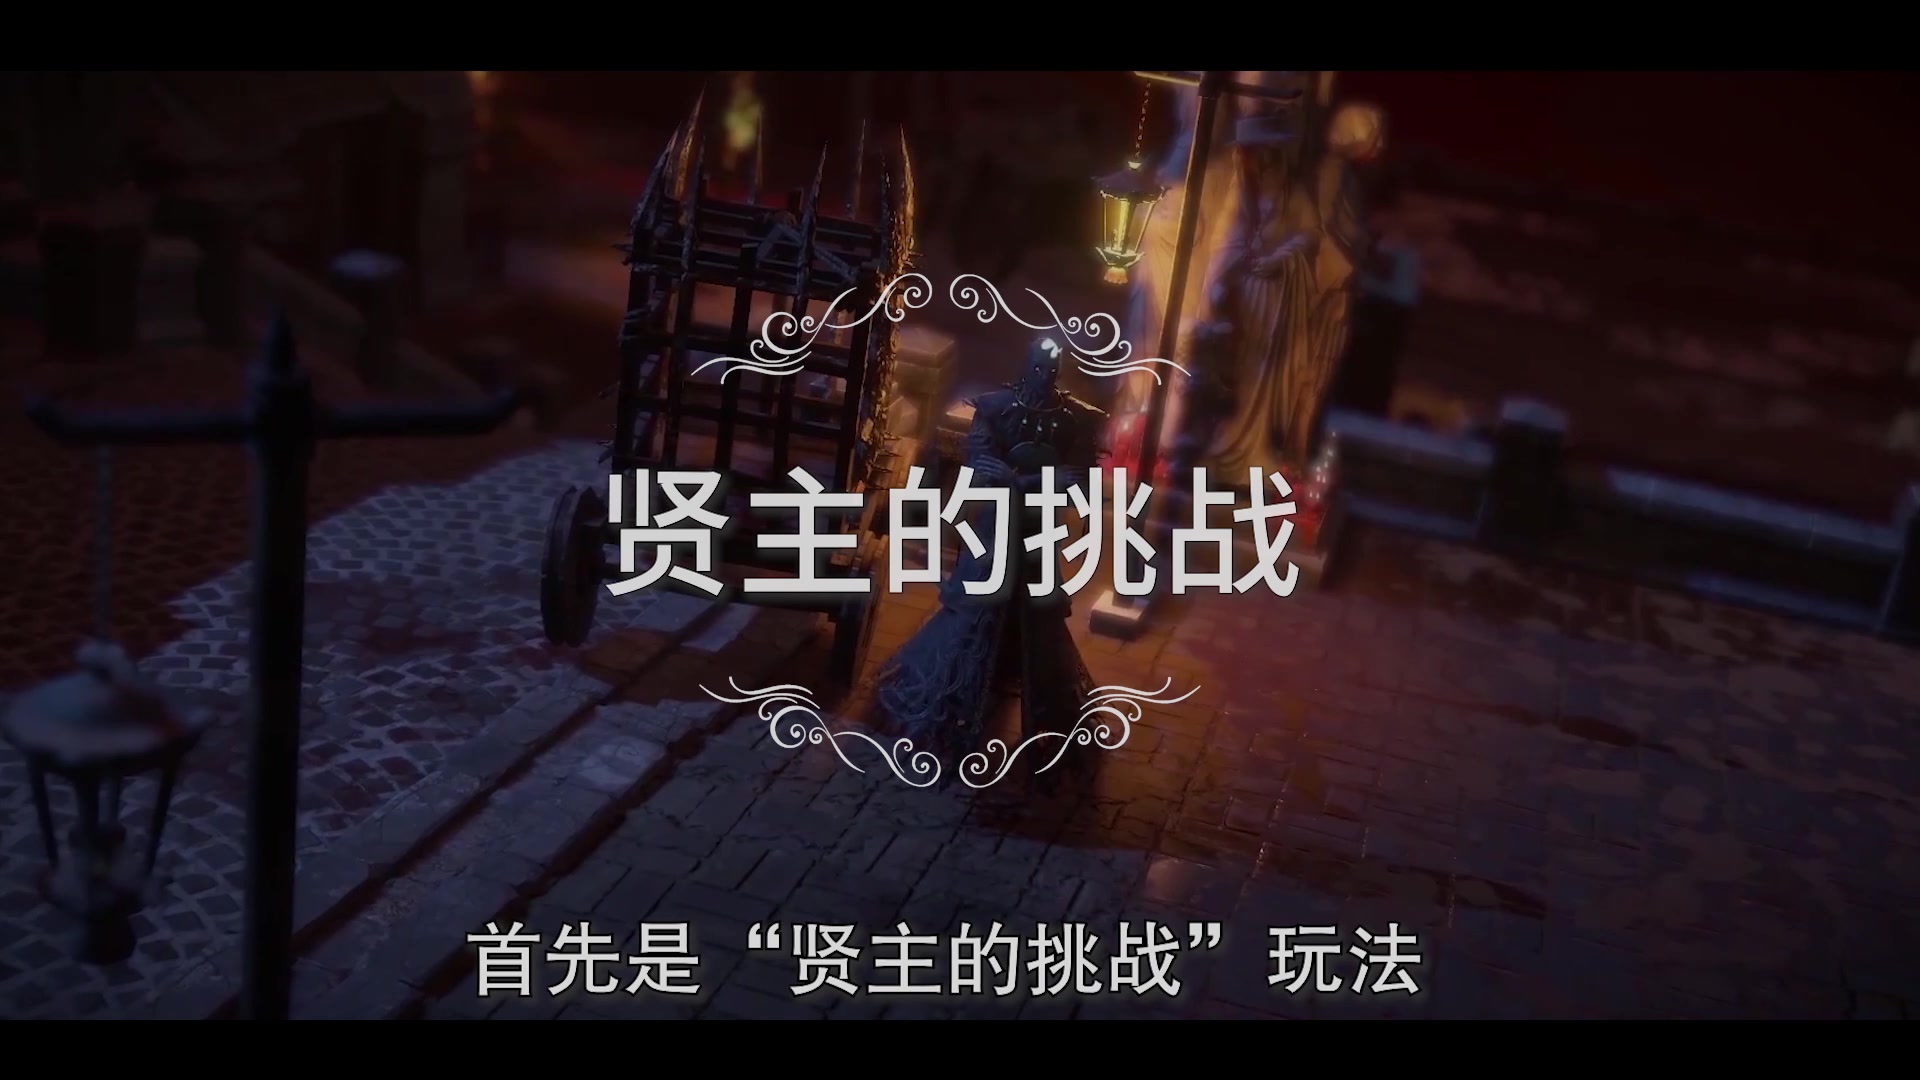 【鲜游速观】动作RPG游戏《流放之路》S14赛季版本更新